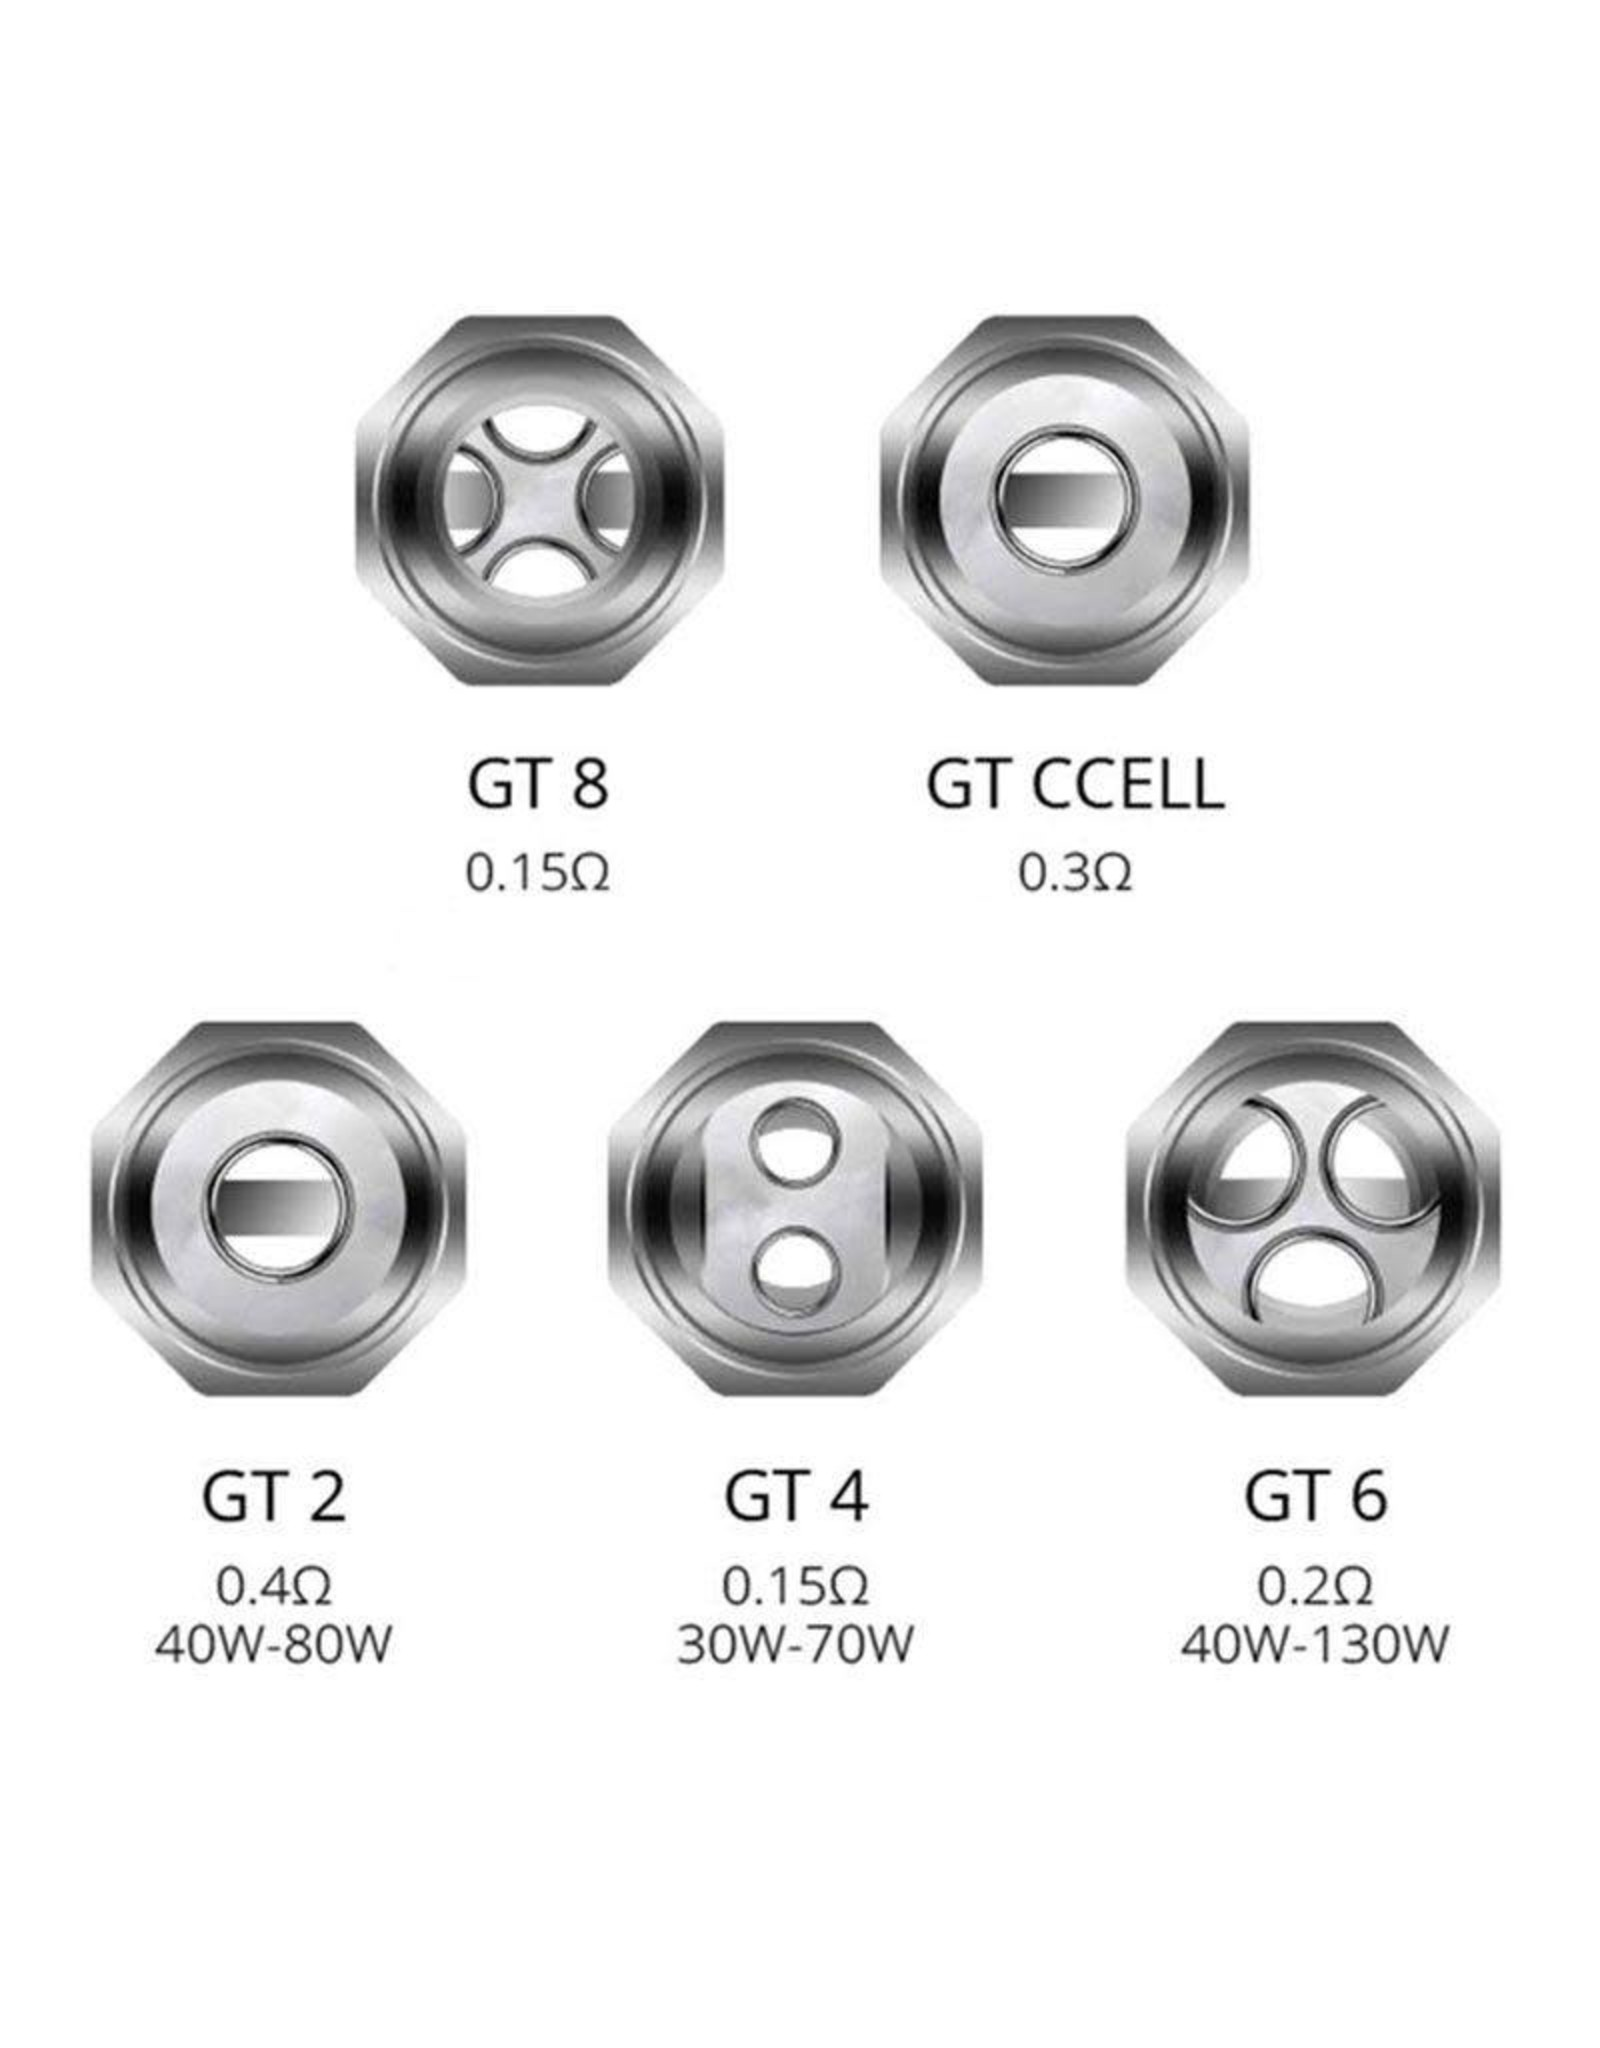 Vaporesso Vaporesso NRG GT Core Replacement Coils (3/Pk)